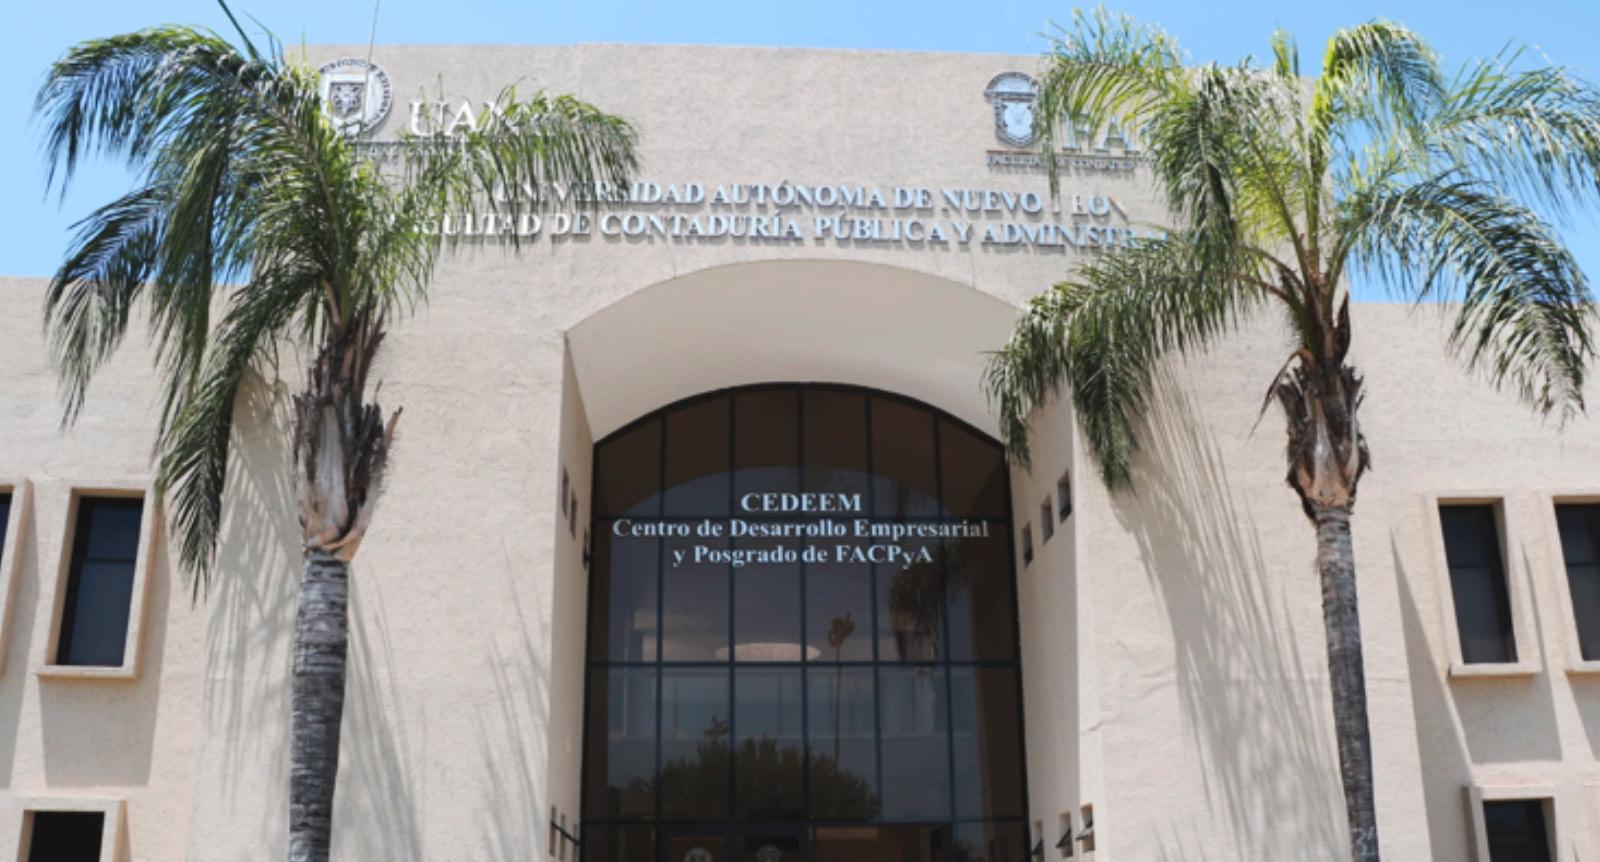 Centro de Desarrollo Empresarial y Posgrado de FACPyA